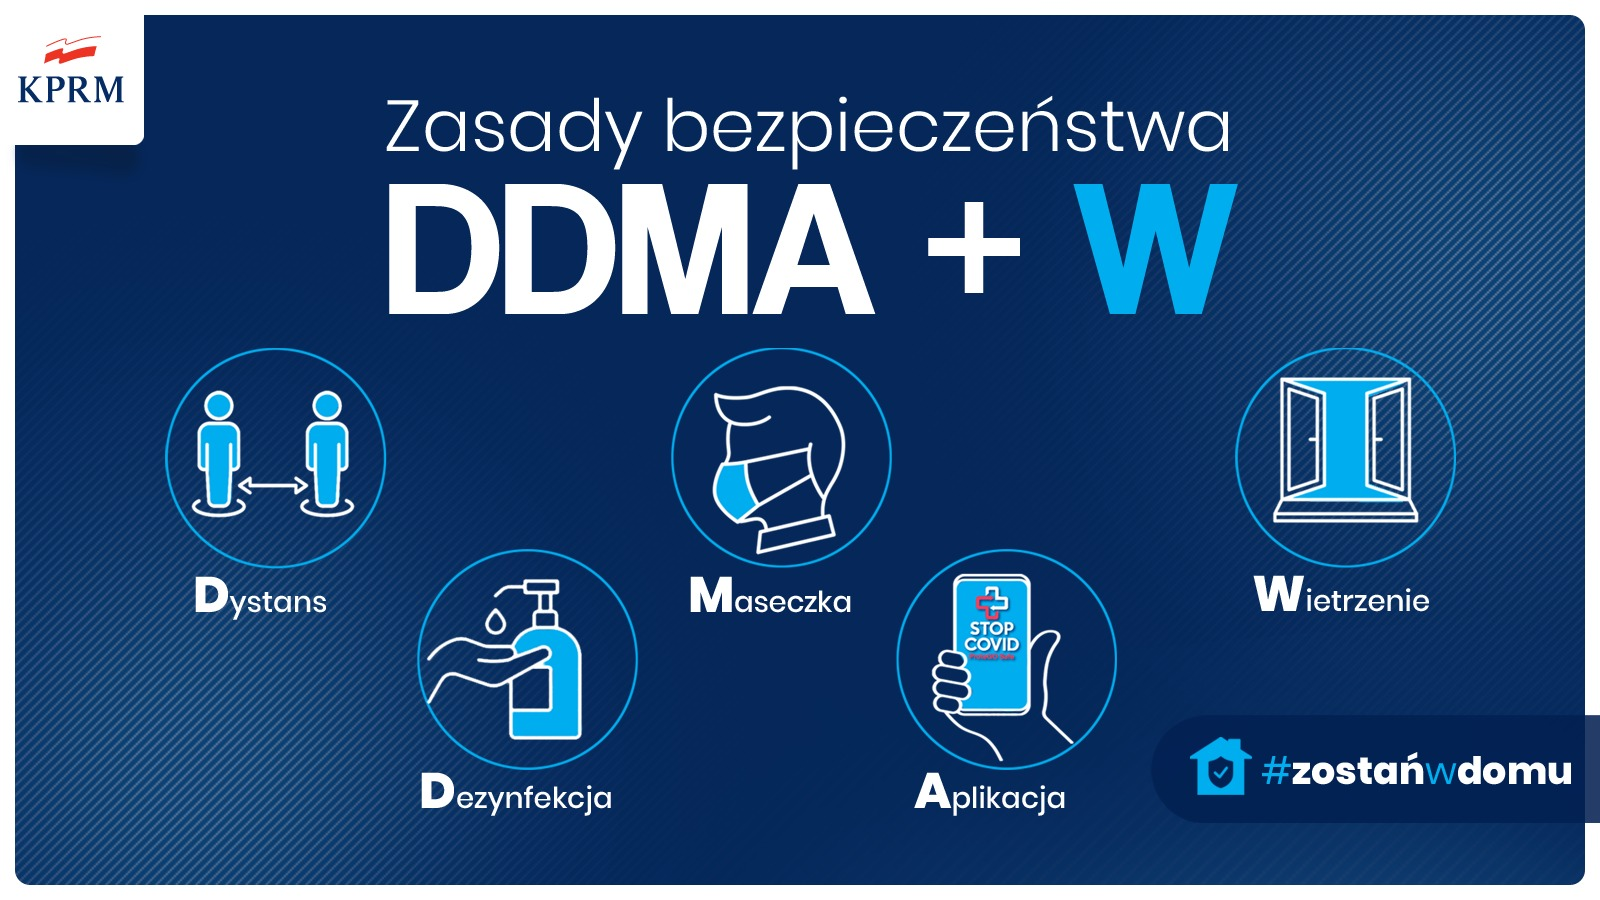 polska czewoną strefą Cov2 2 <font color=r />Cała Polska w czerwonej strefie, kolejne zasady bezpieczeństwa oraz Solidarnościowy Korpus Wsparcia Seniorów</font>